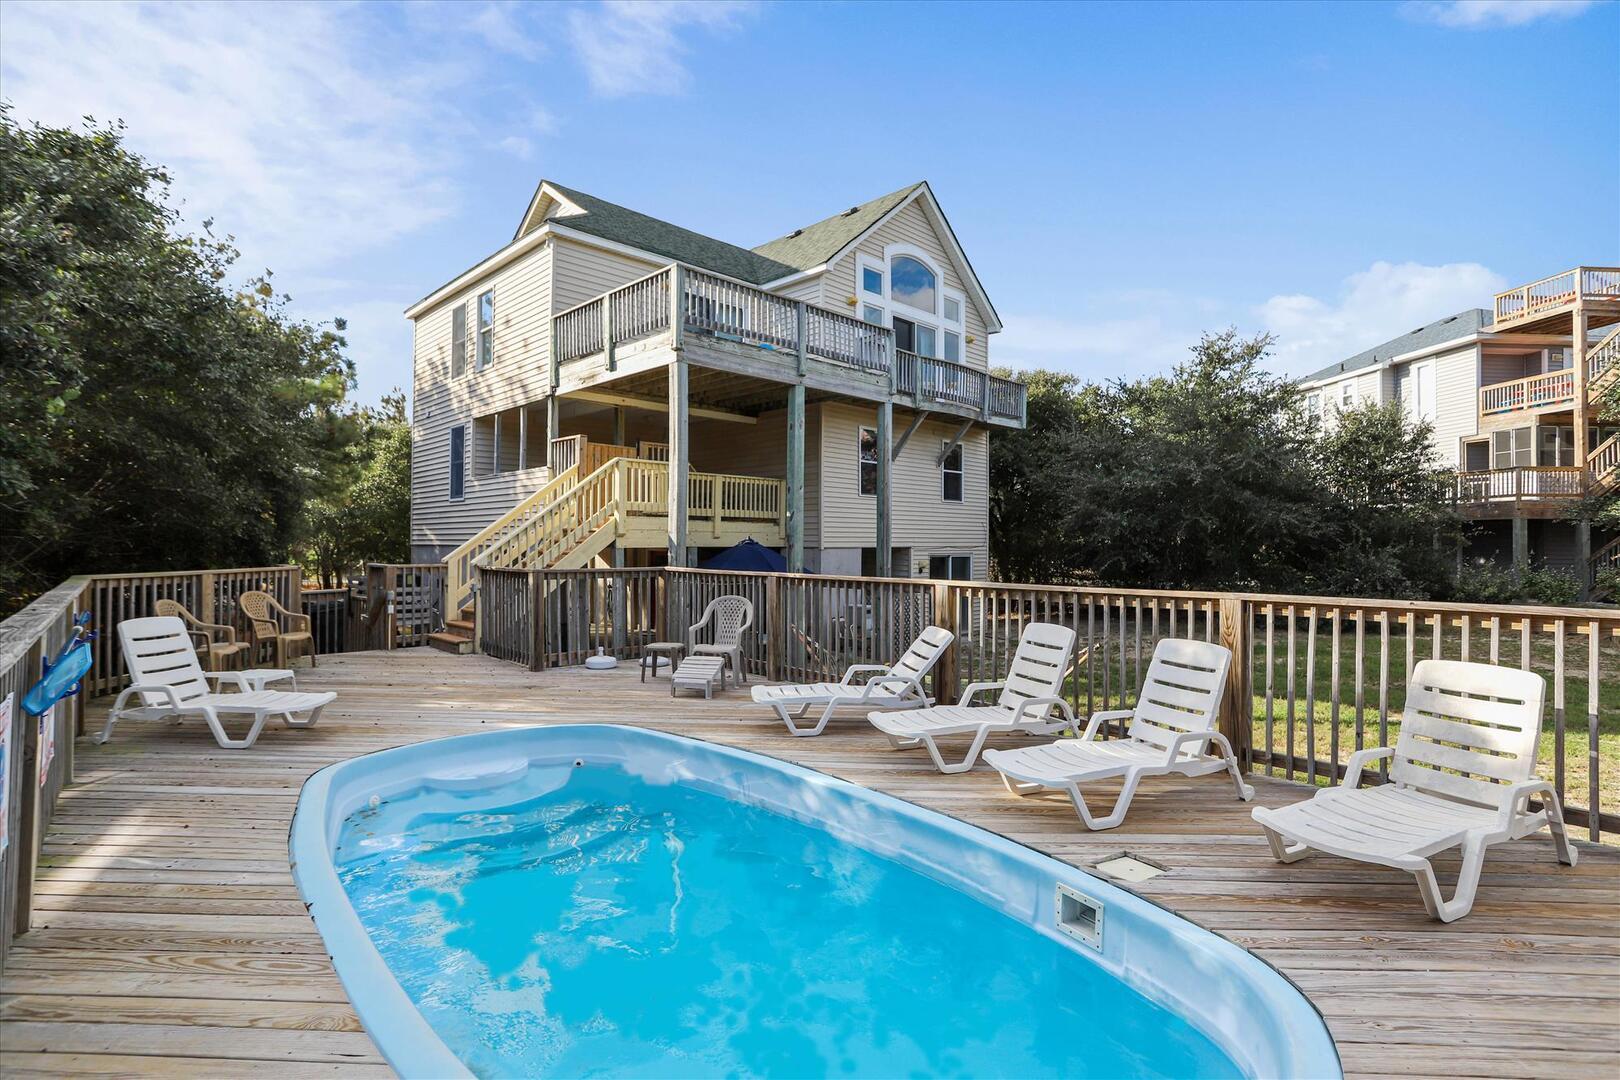 Exterior,Backyard Pool Area,